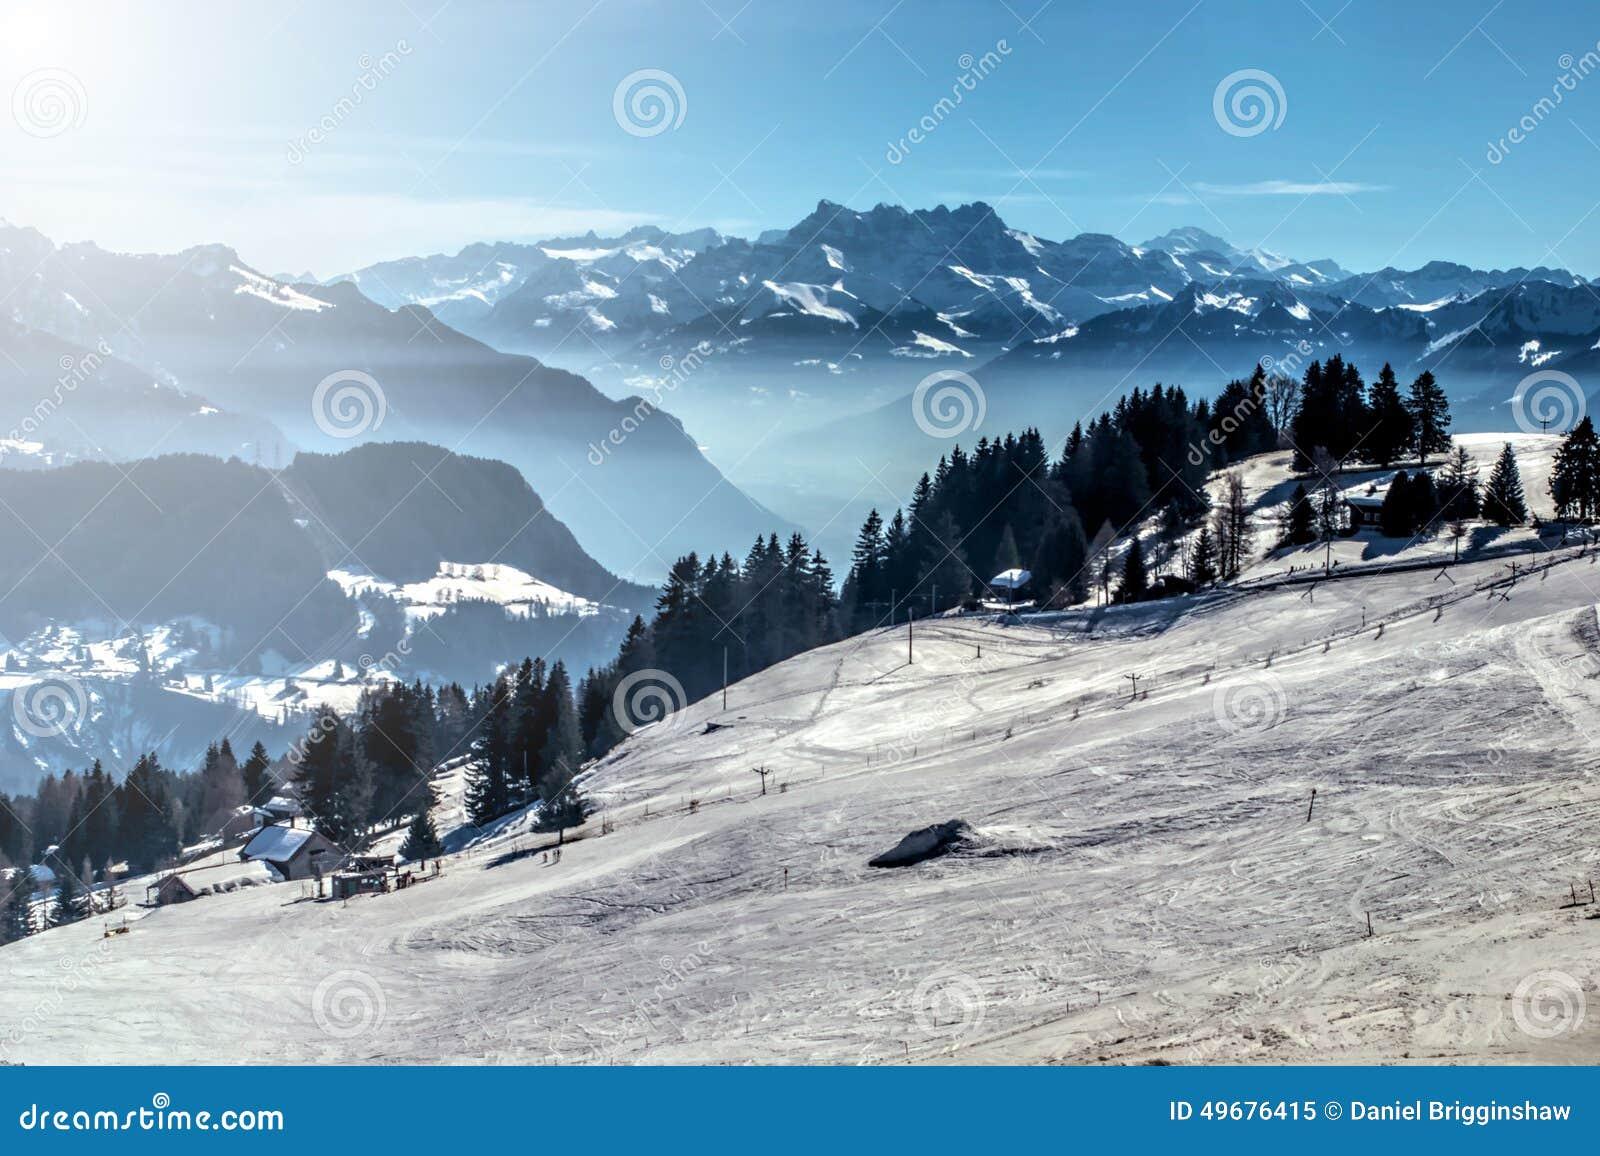 Winter mountain ski slope